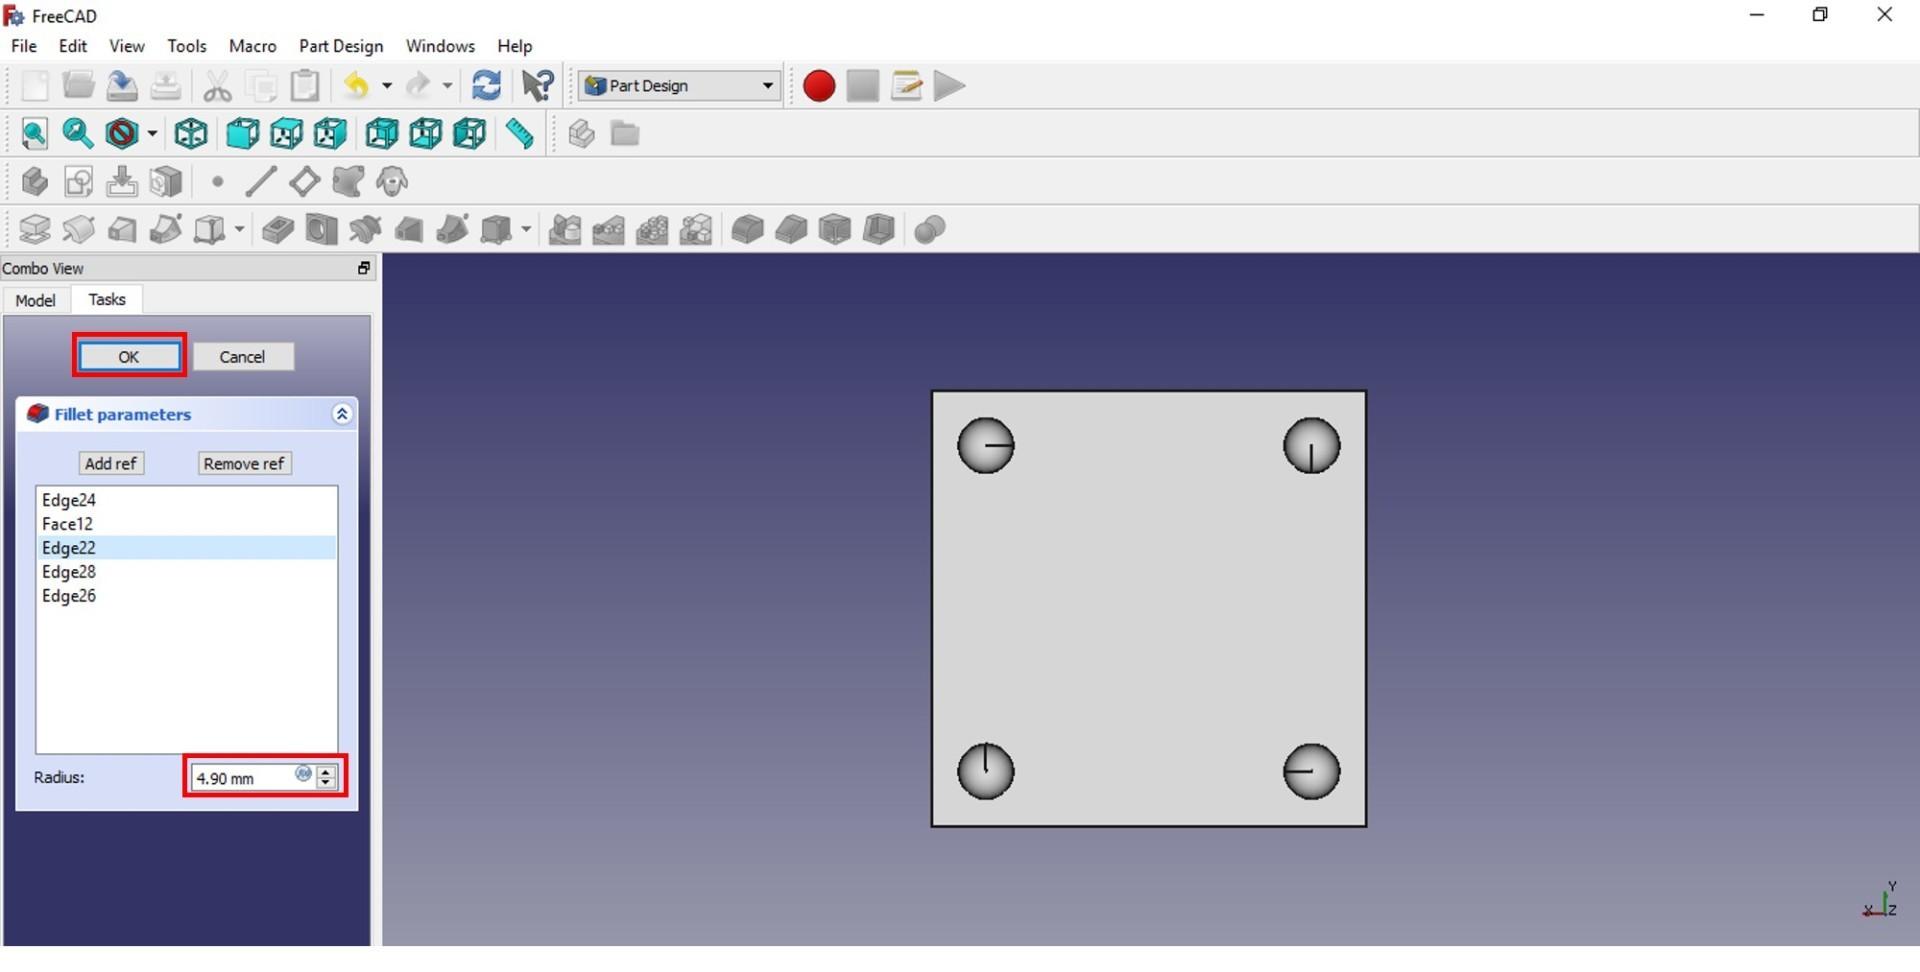 freecad tutorial fillet 4.9